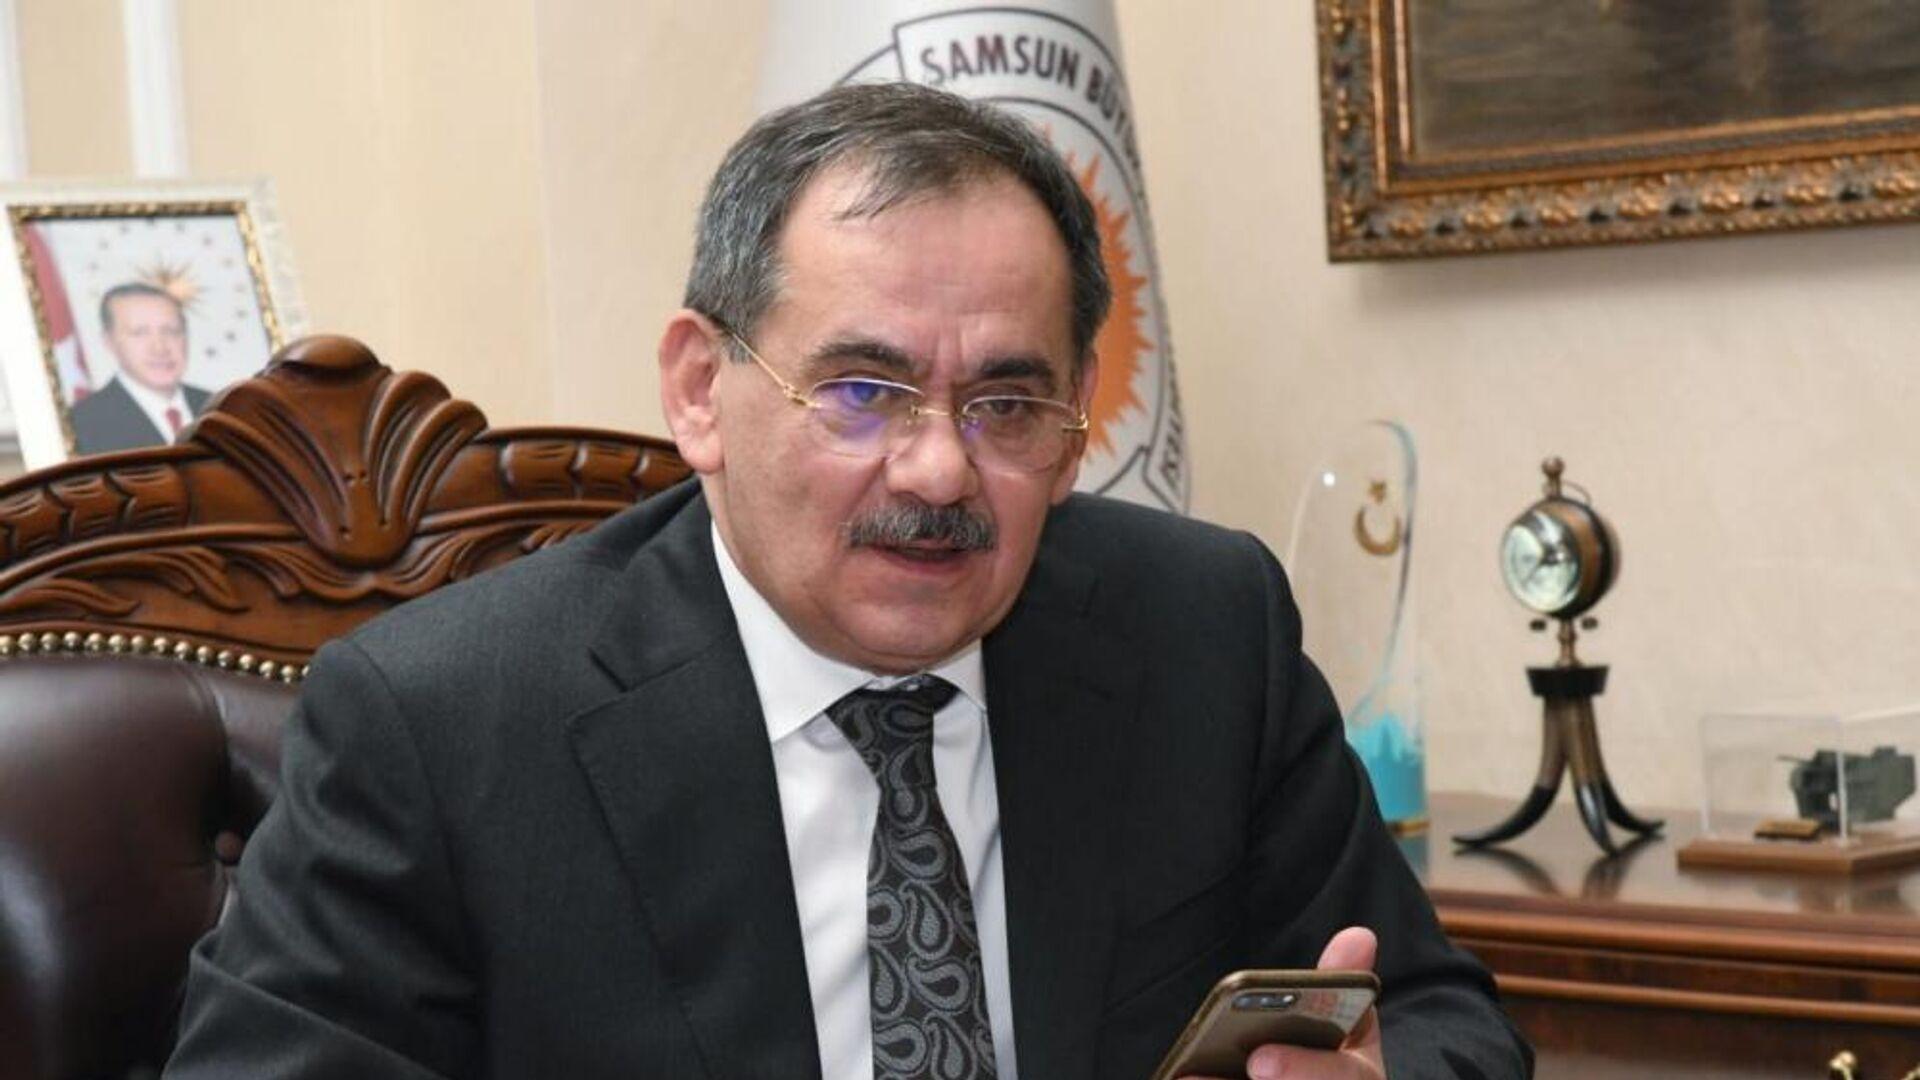 Samsun Büyükşehir Belediyesi (SBB) Başkanı Mustafa Demir - Sputnik Türkiye, 1920, 12.09.2021